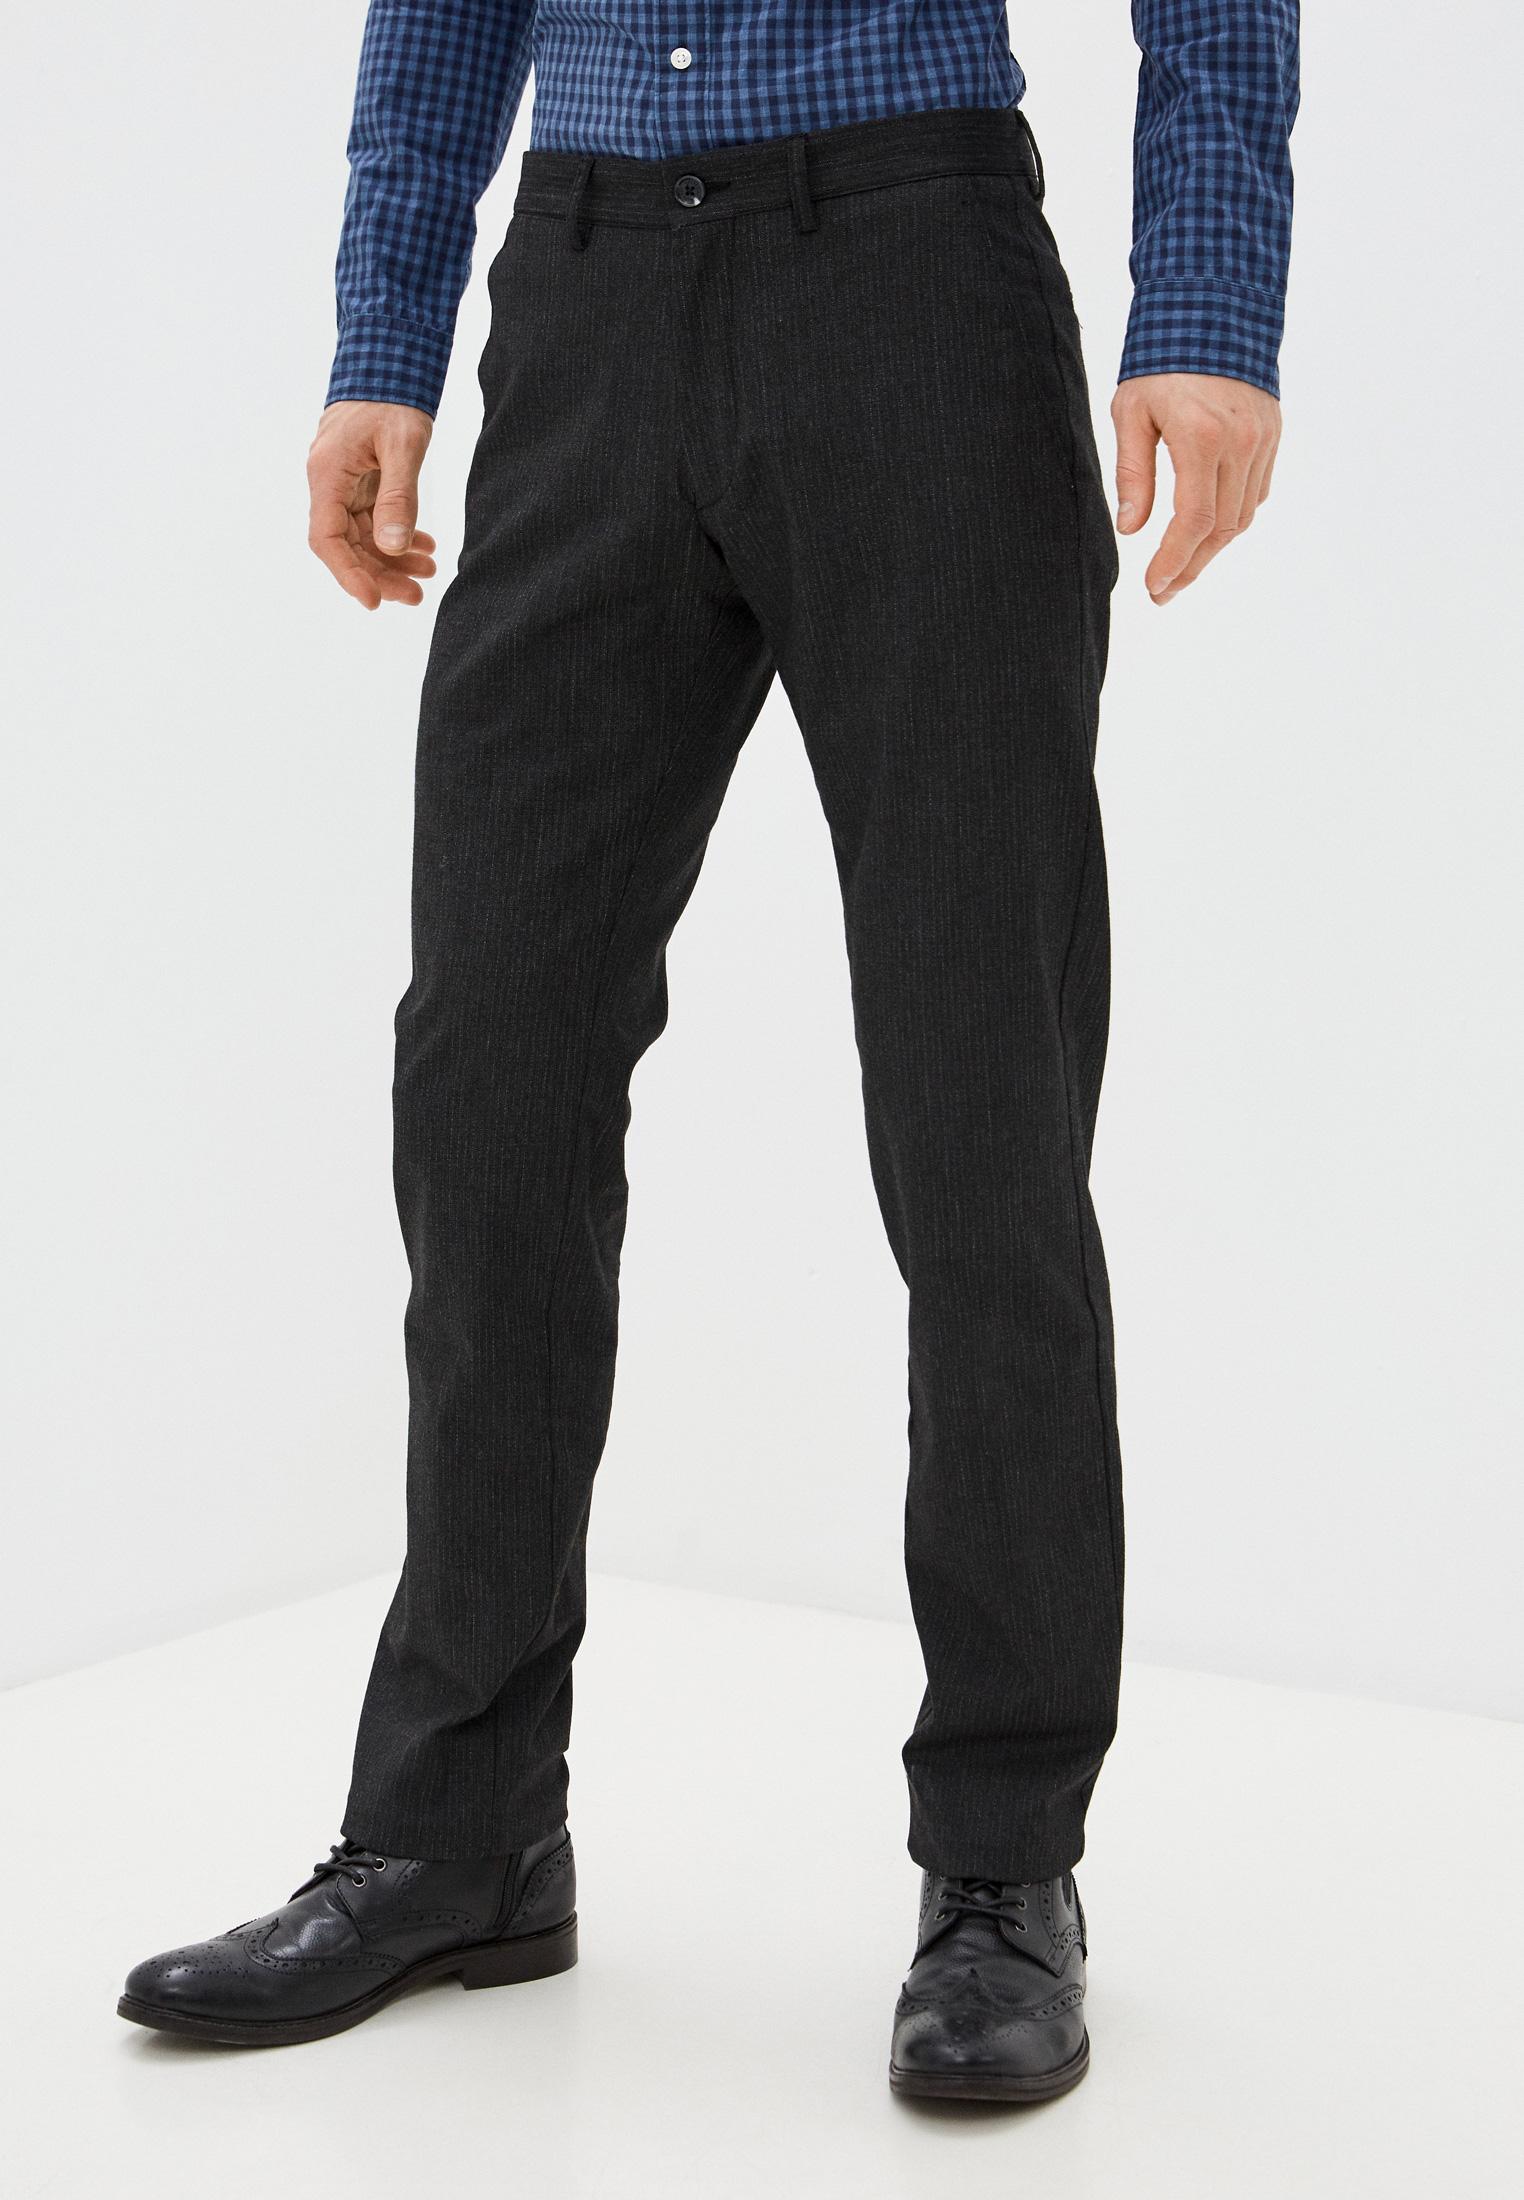 Мужские классические брюки Galvanni Брюки Galvanni